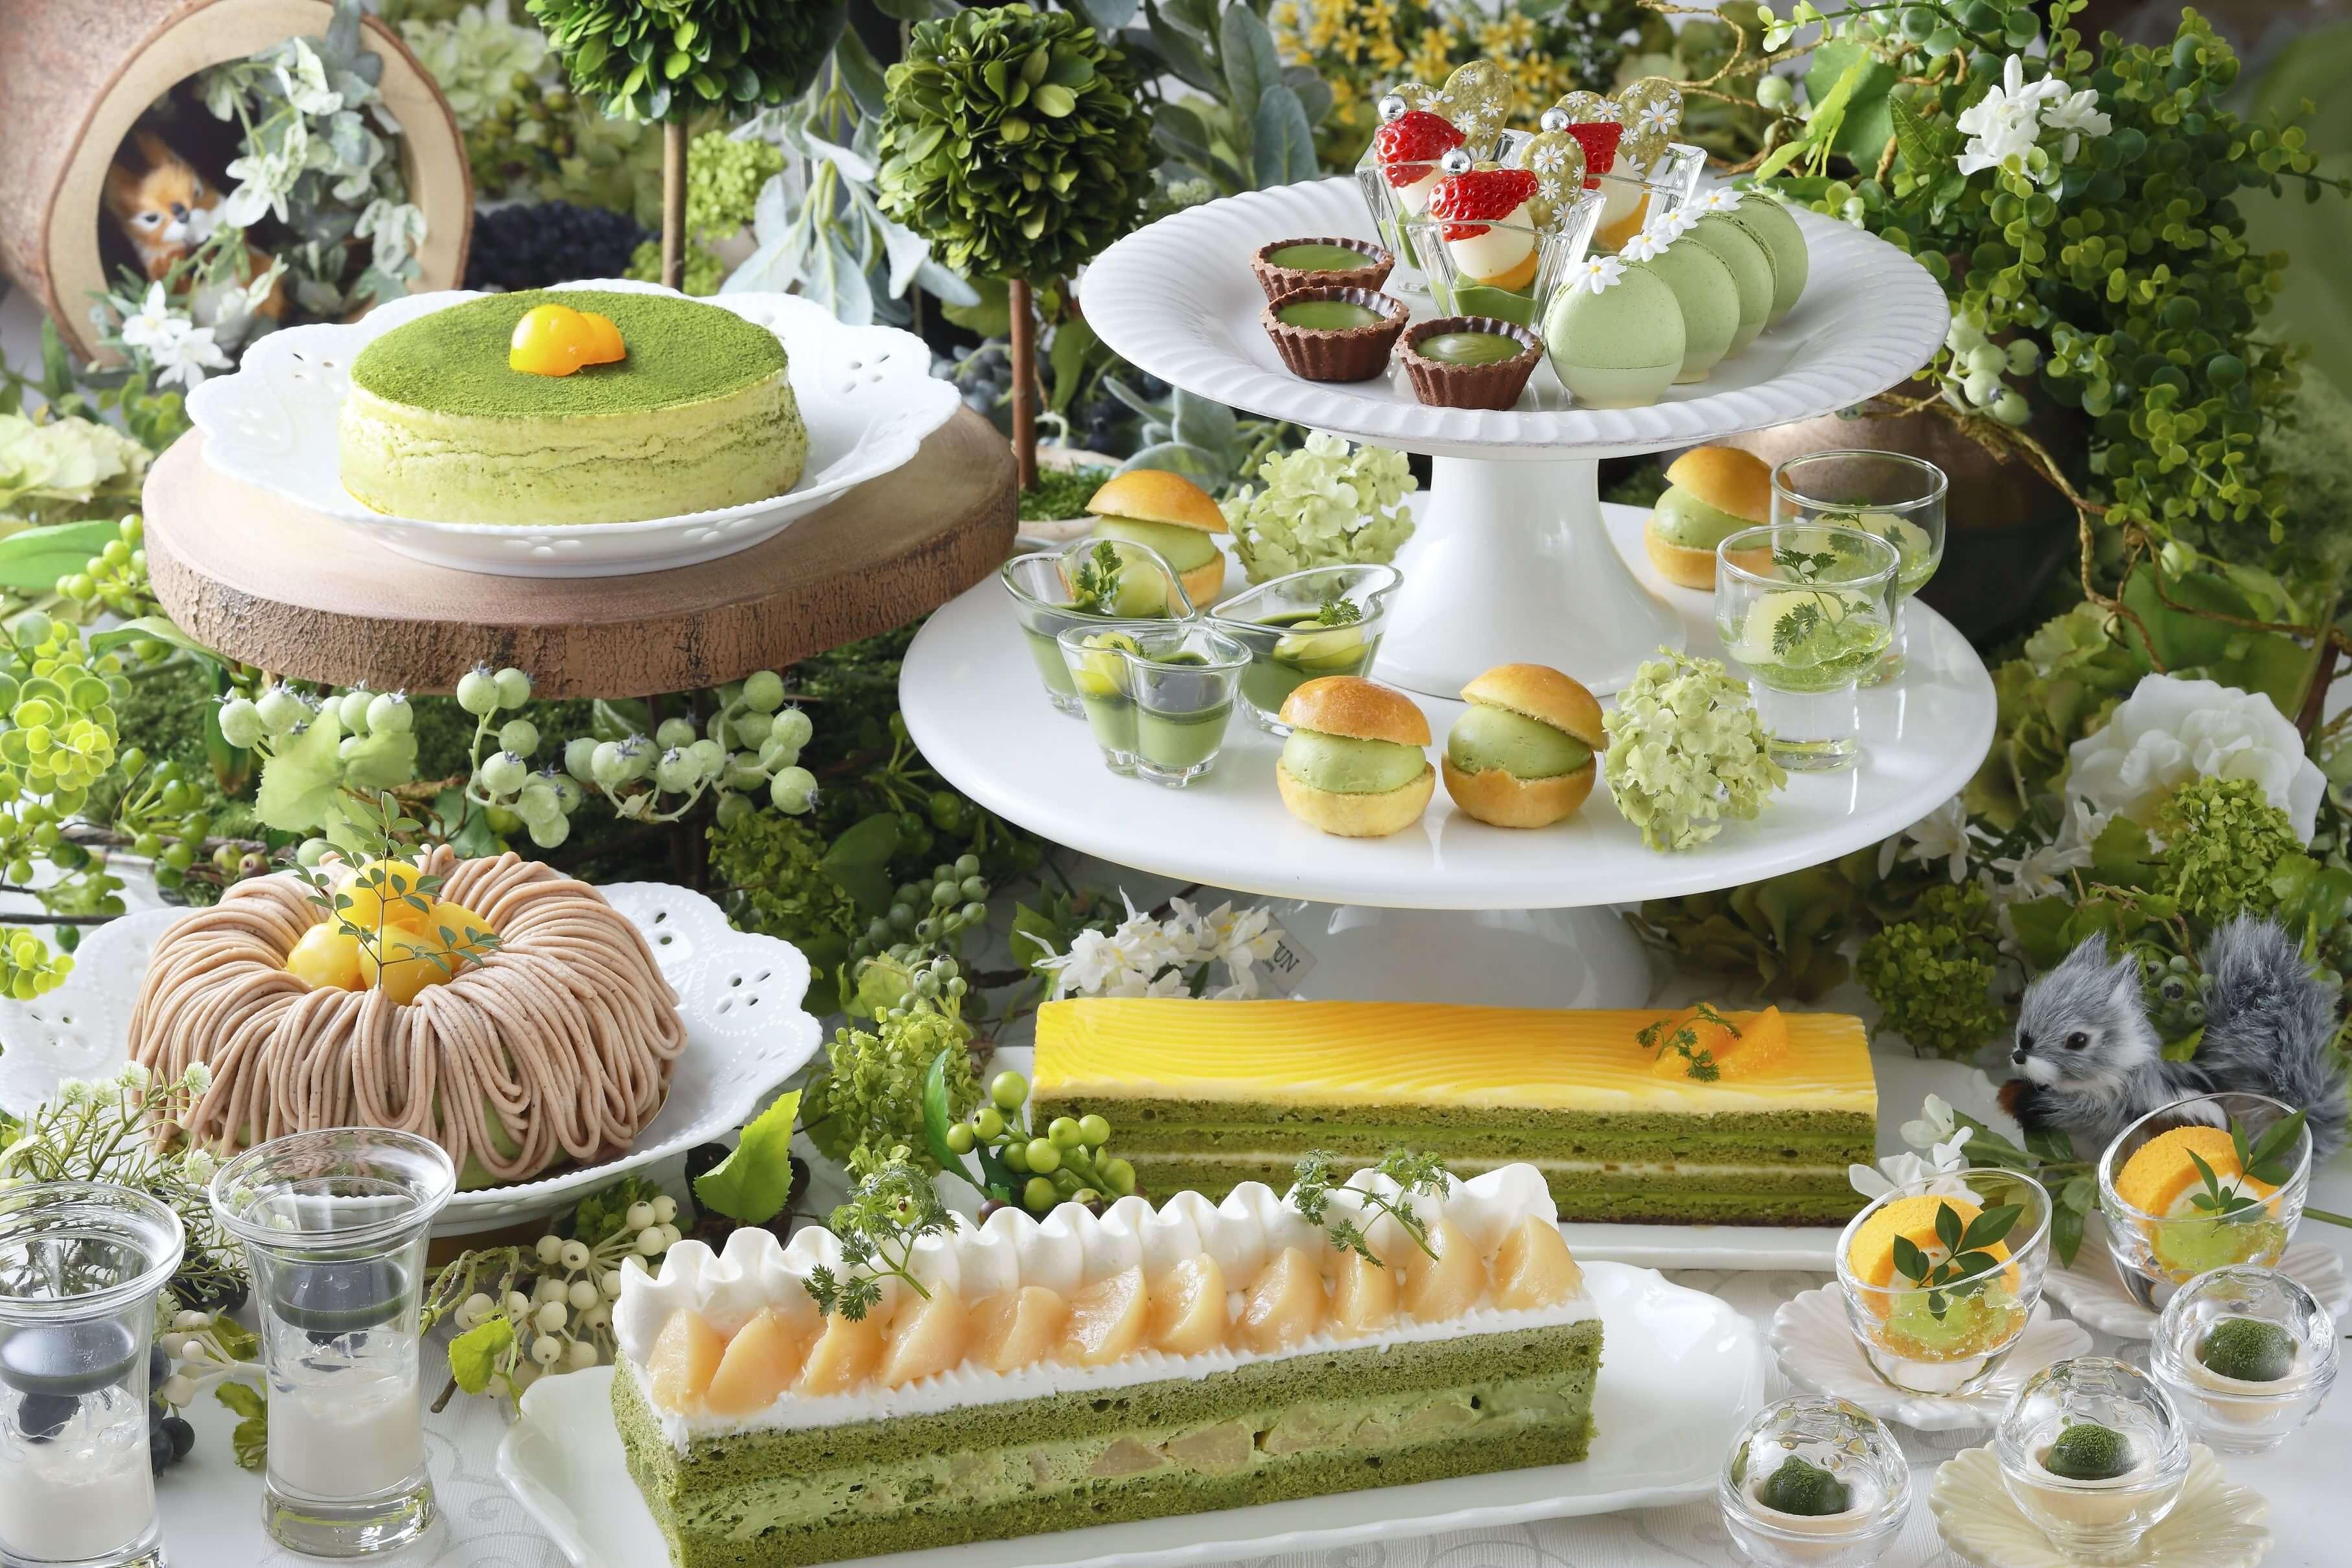 使用祇園辻利的宇治抹茶製作而成的甜點!抹茶甜點Buffet將於京都舉辦 在京都、甜點、飲料、